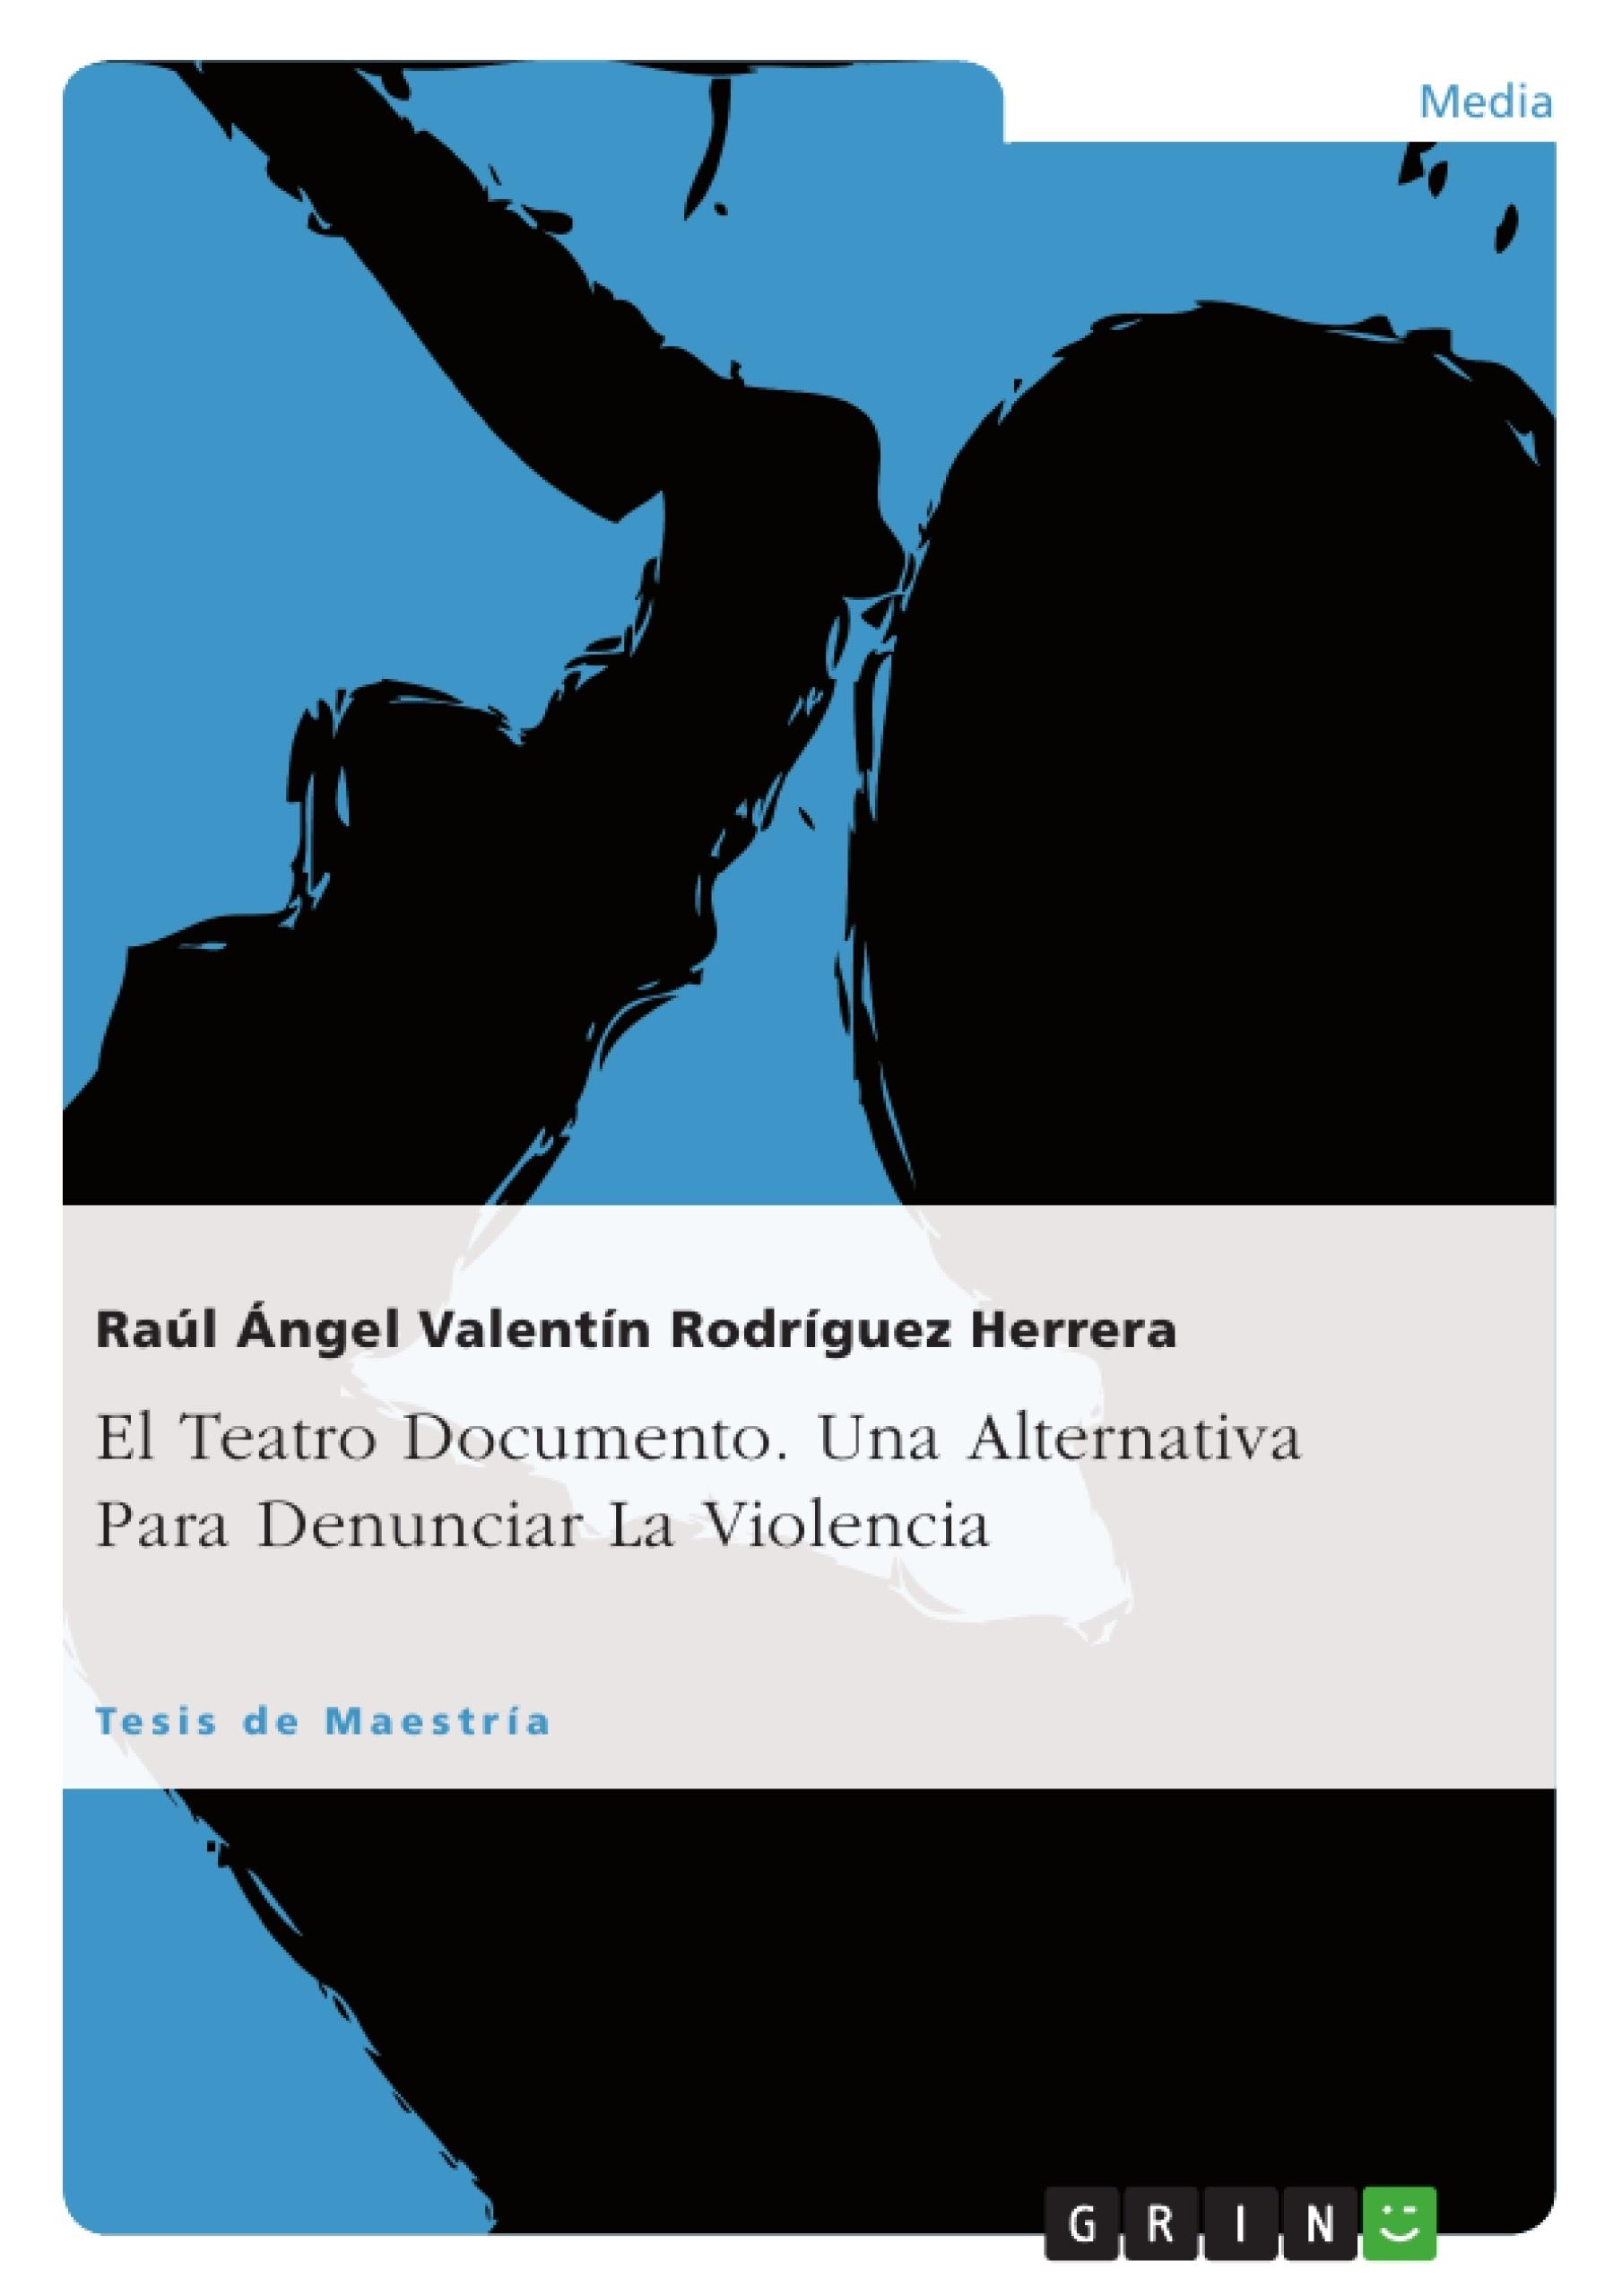 Título: El Teatro Documento. Una Alternativa Para Denunciar La Violencia